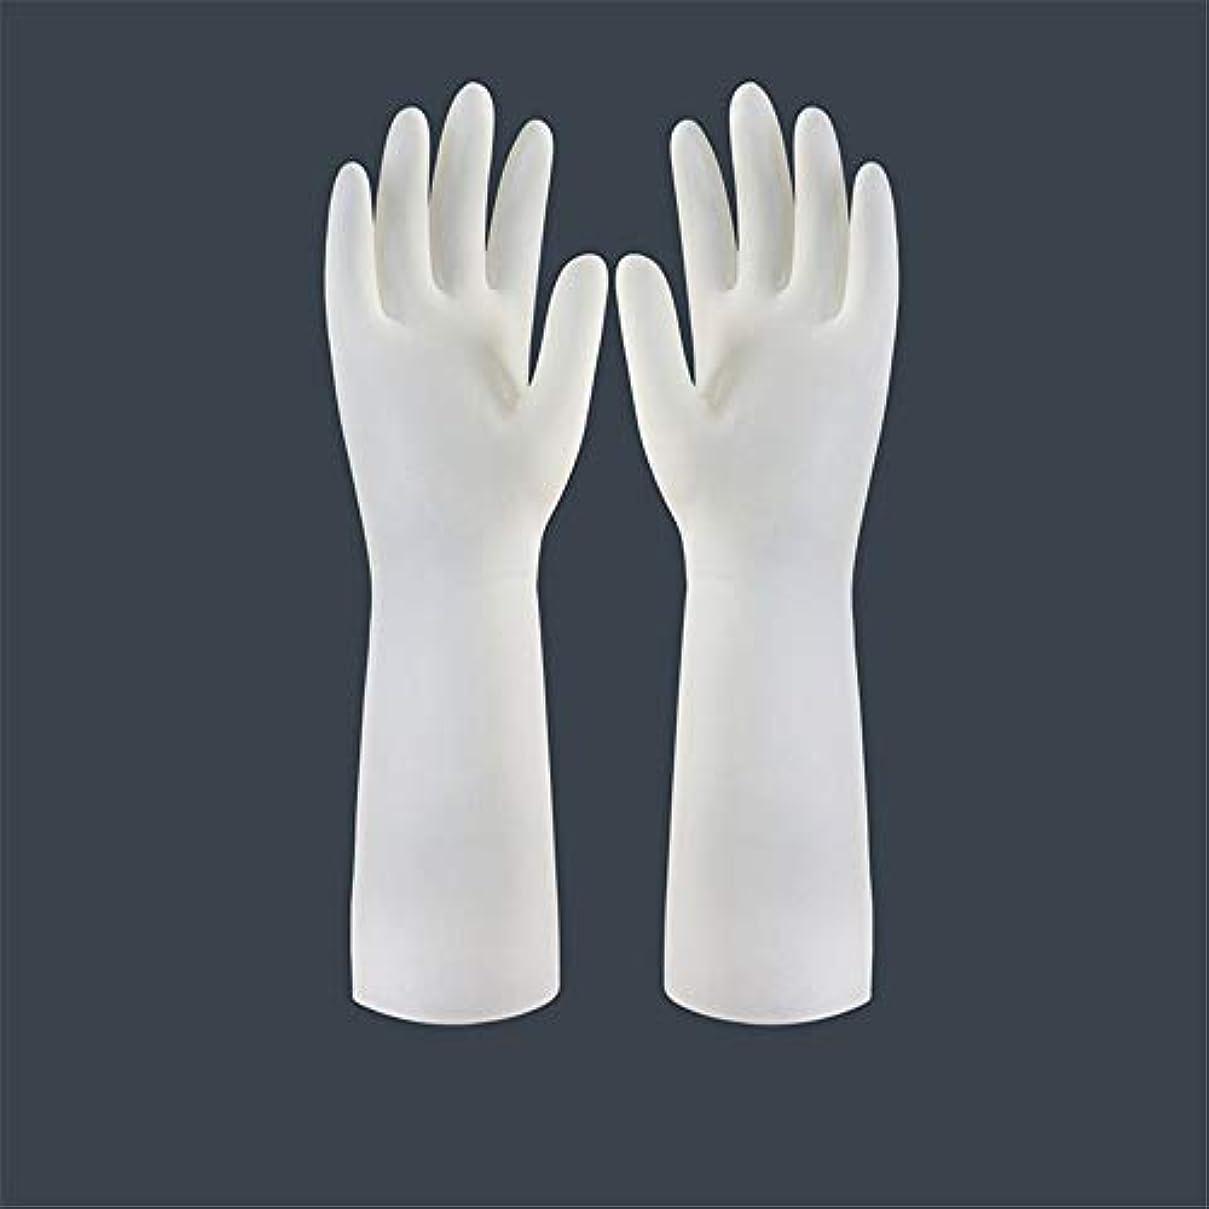 帳面計り知れない単語BTXXYJP キッチン用手袋 手袋 食器洗い 作業 炊事 食器洗い 掃除 園芸 洗車 防水 防油 手袋 (Color : Long-1 pair, Size : L)